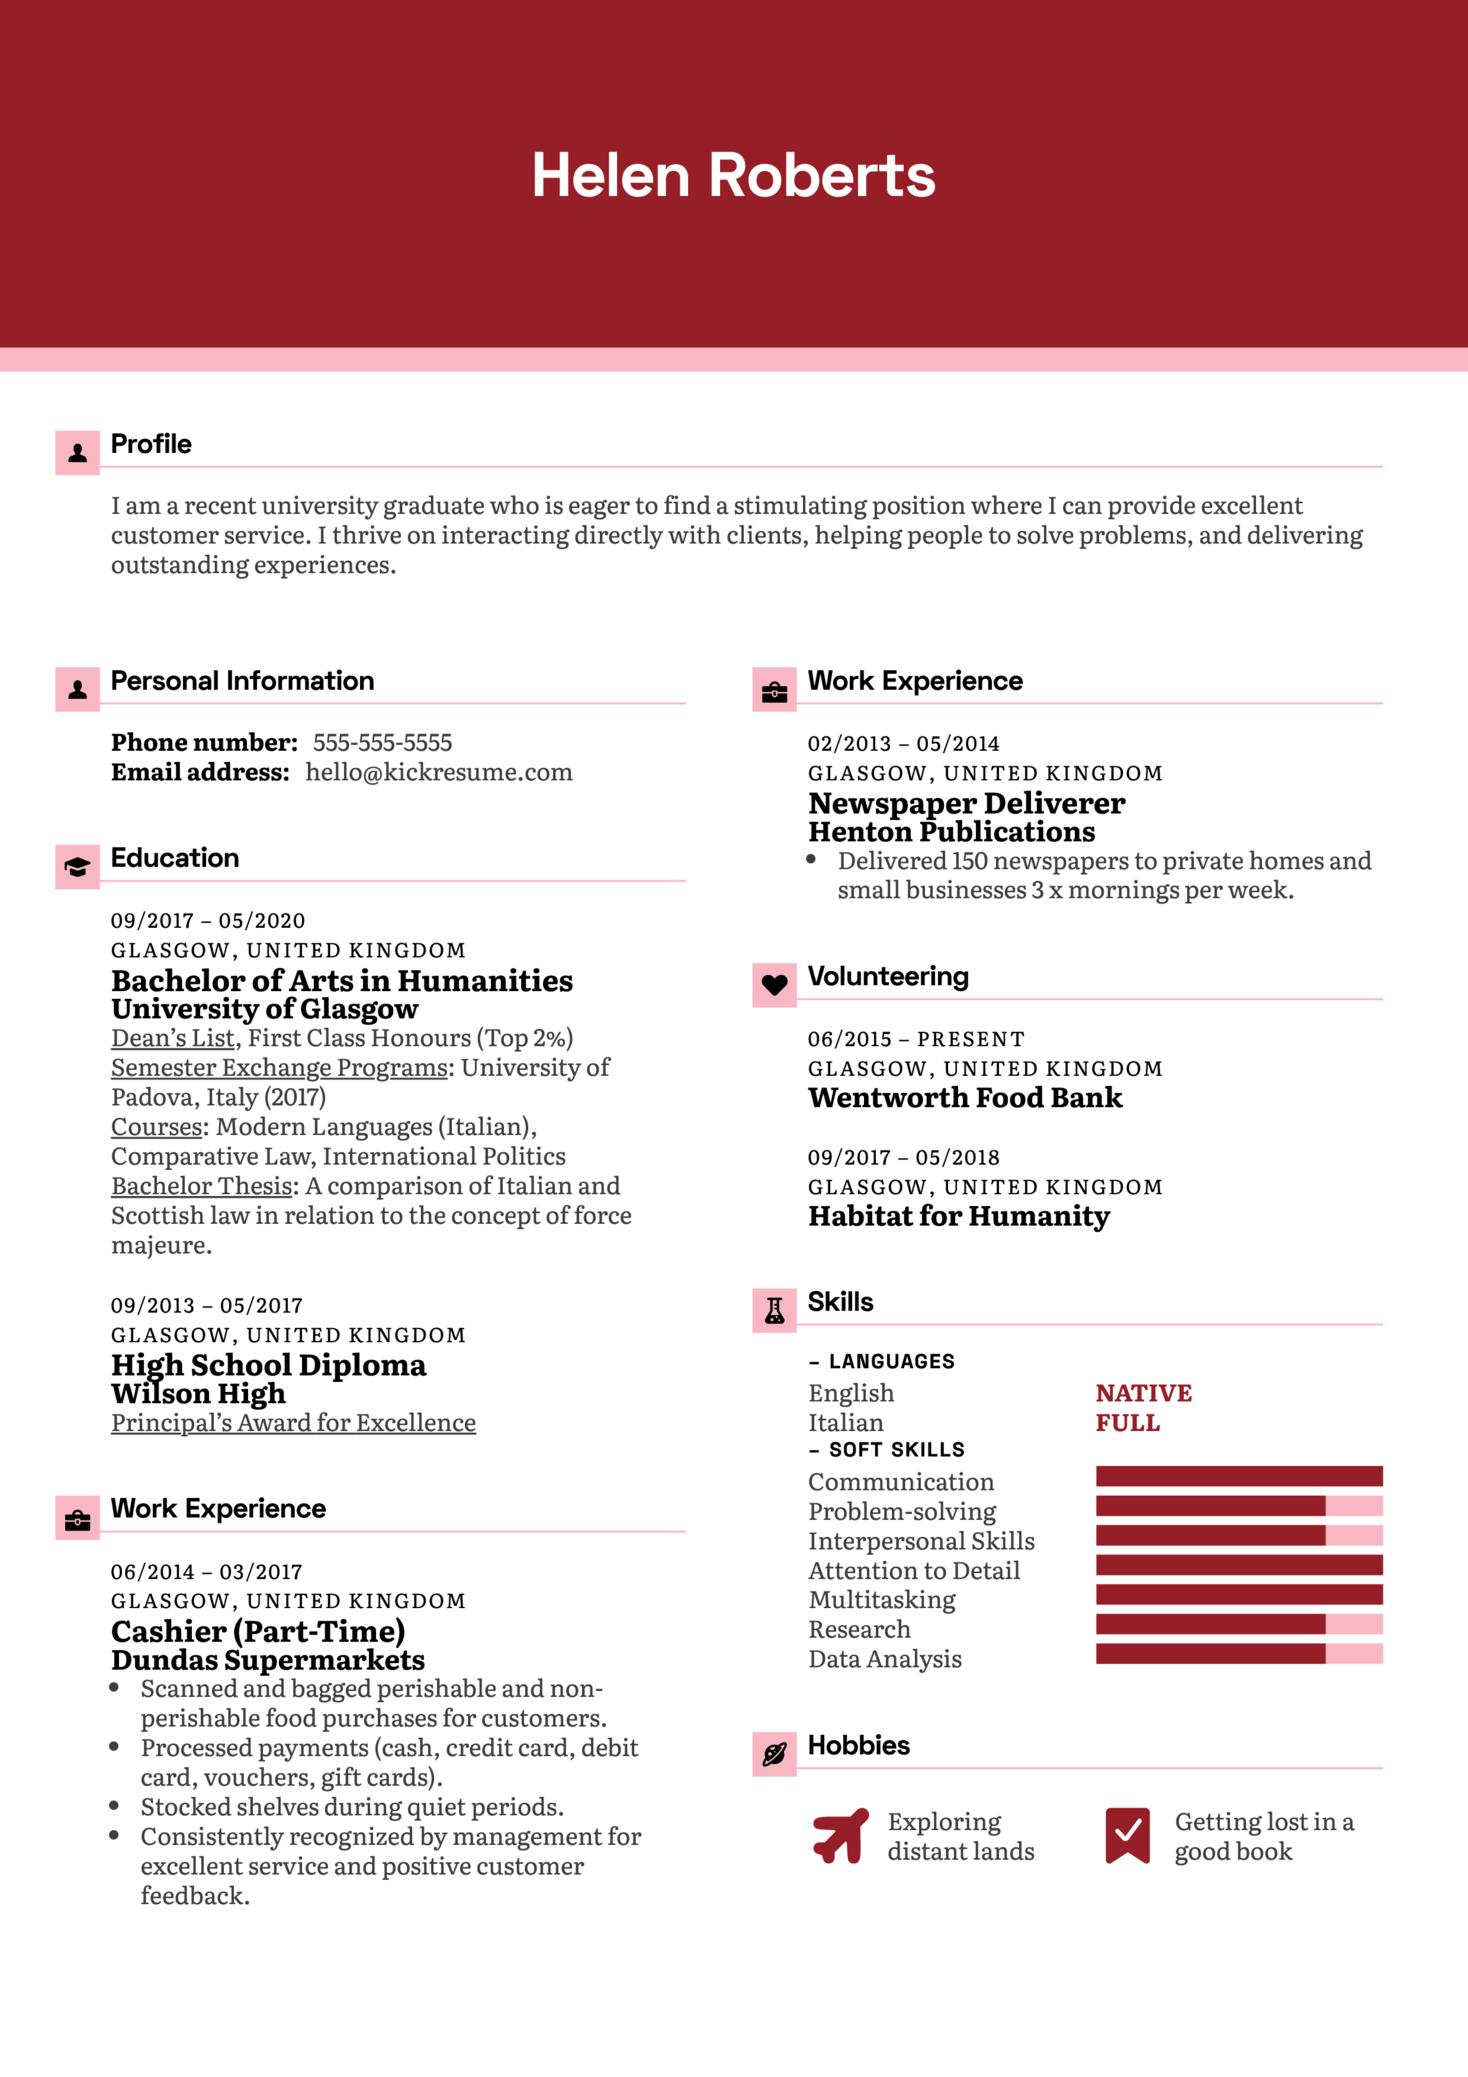 Beginner (Entry Level) Resume Sample